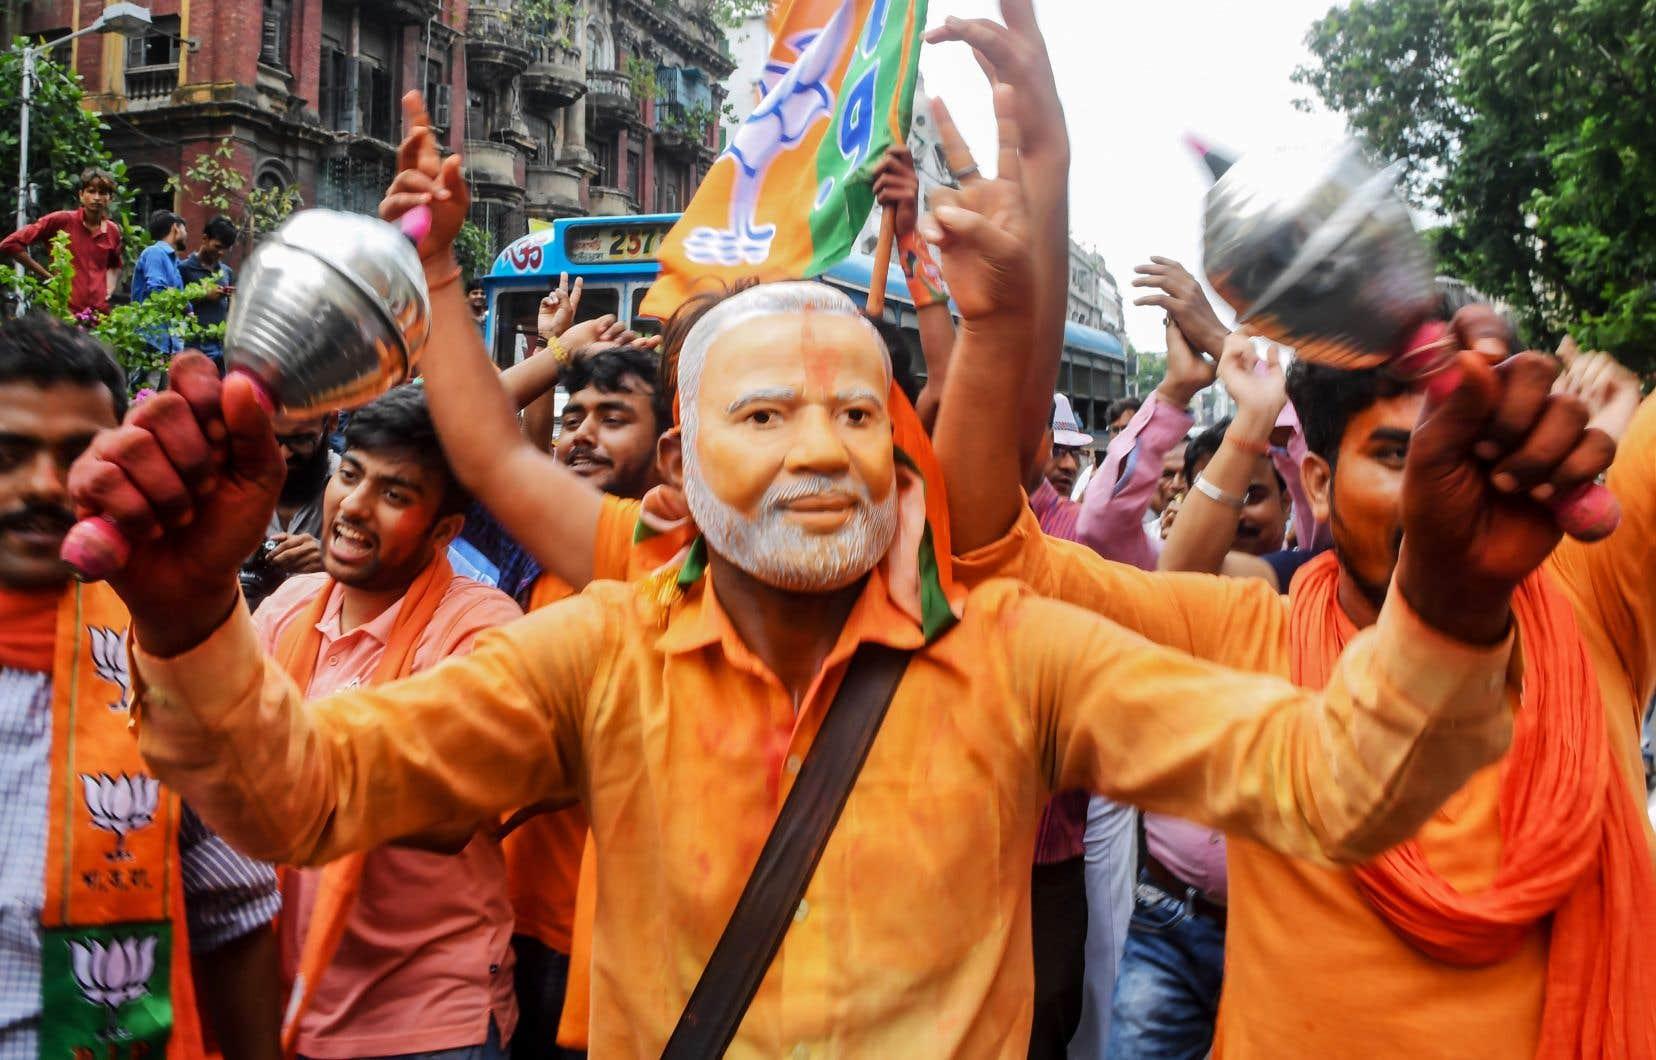 Des partisans du parti du premier ministre indien Narendra Modi célèbrent l'annonce des premiers résultats électoraux dans les rues de Kolkata.